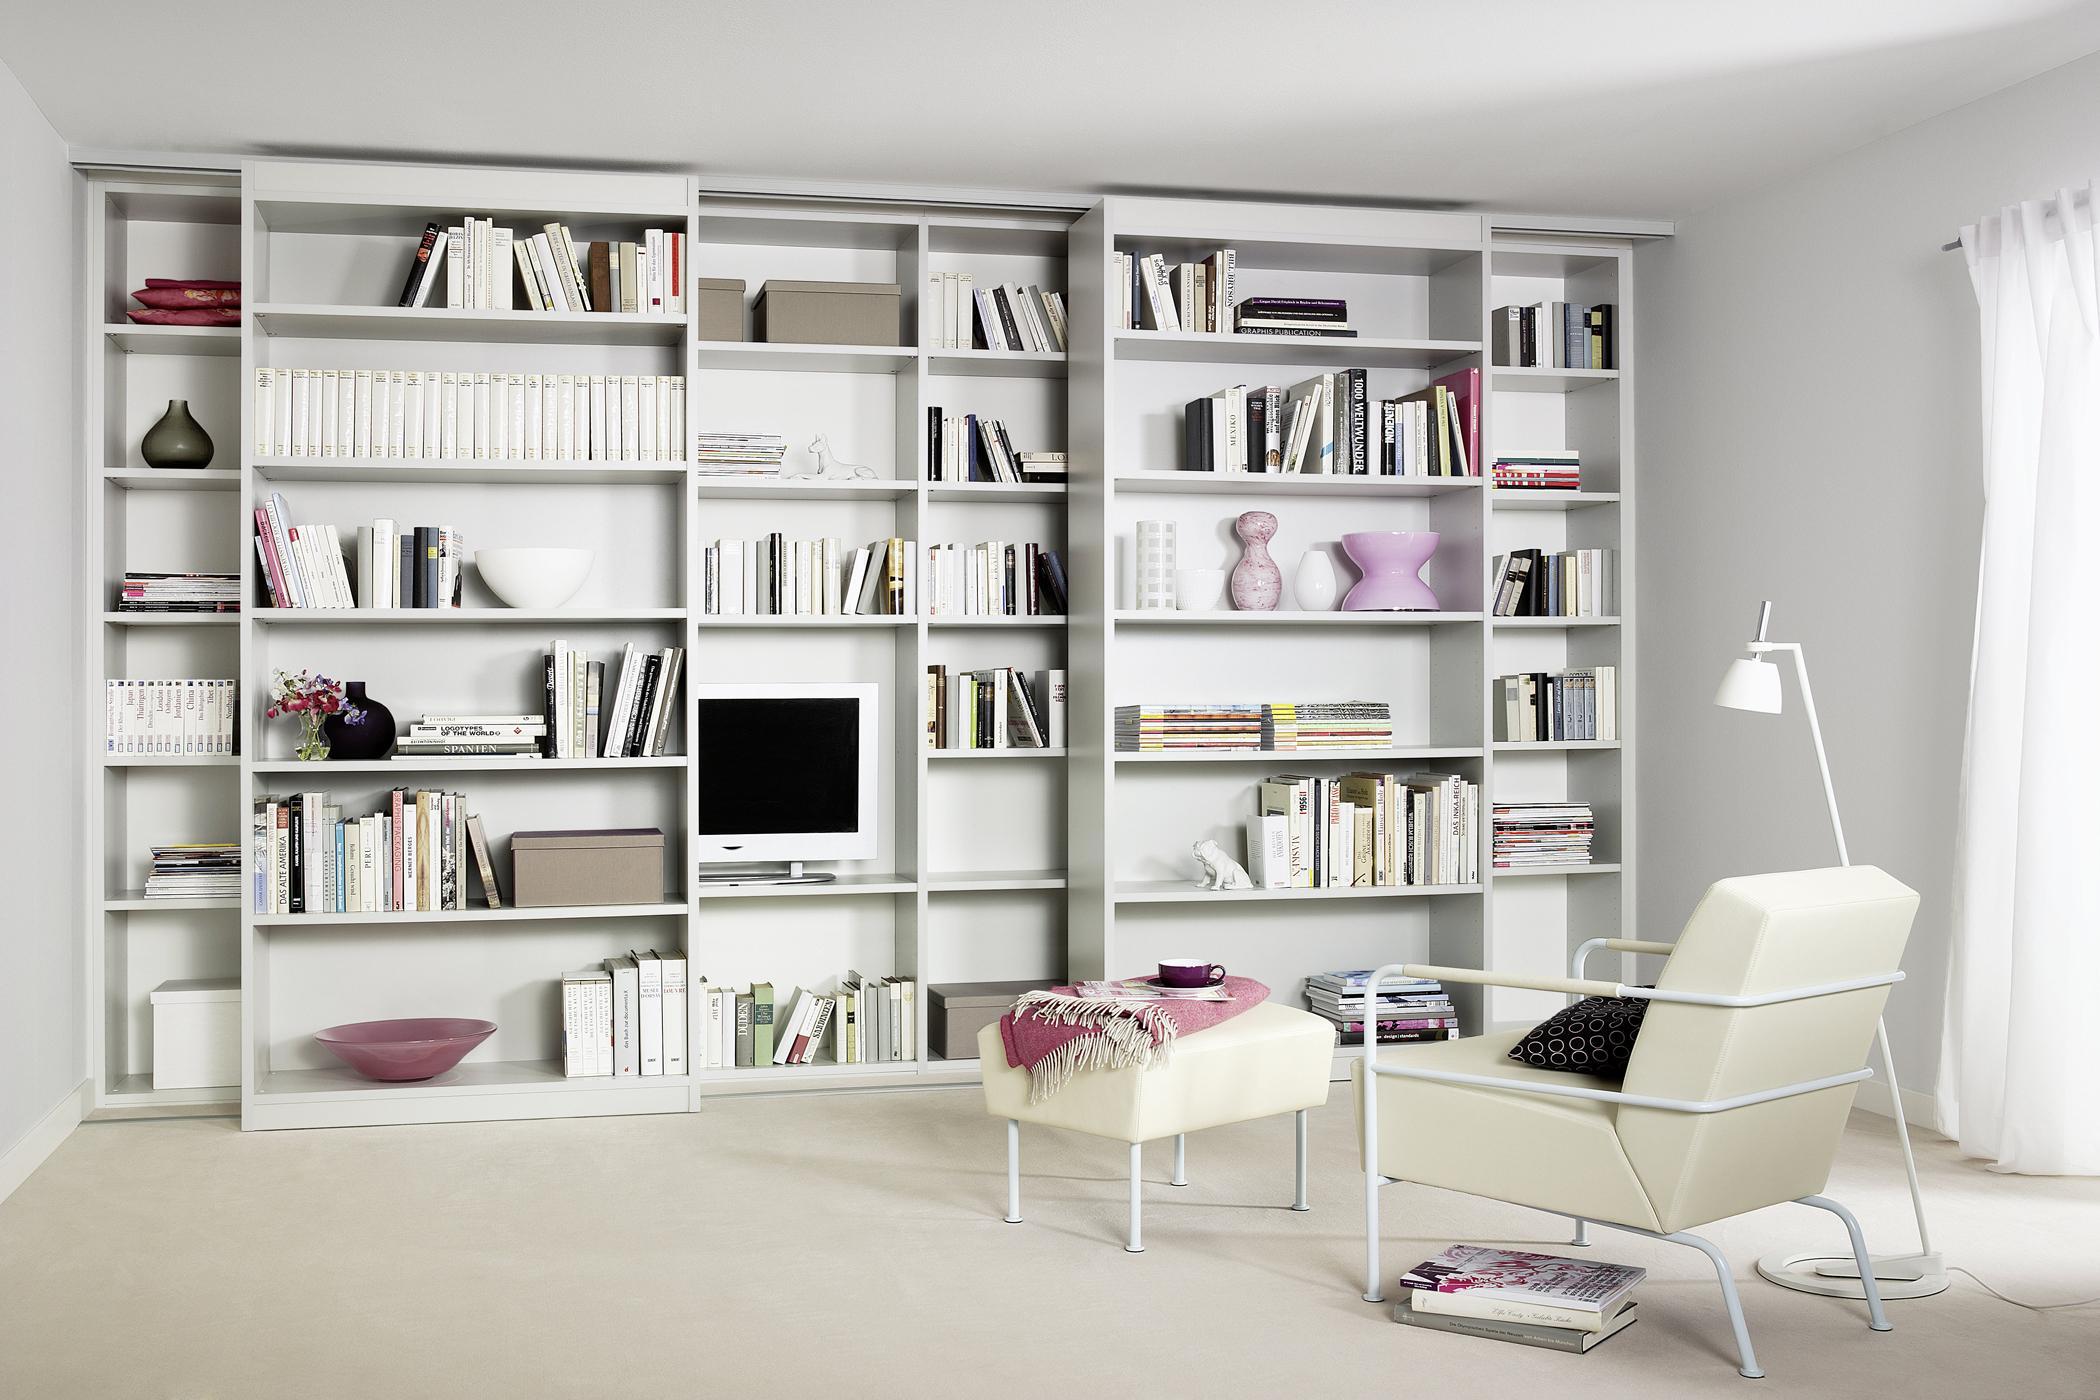 freistehendes b cherregal bilder ideen couch. Black Bedroom Furniture Sets. Home Design Ideas